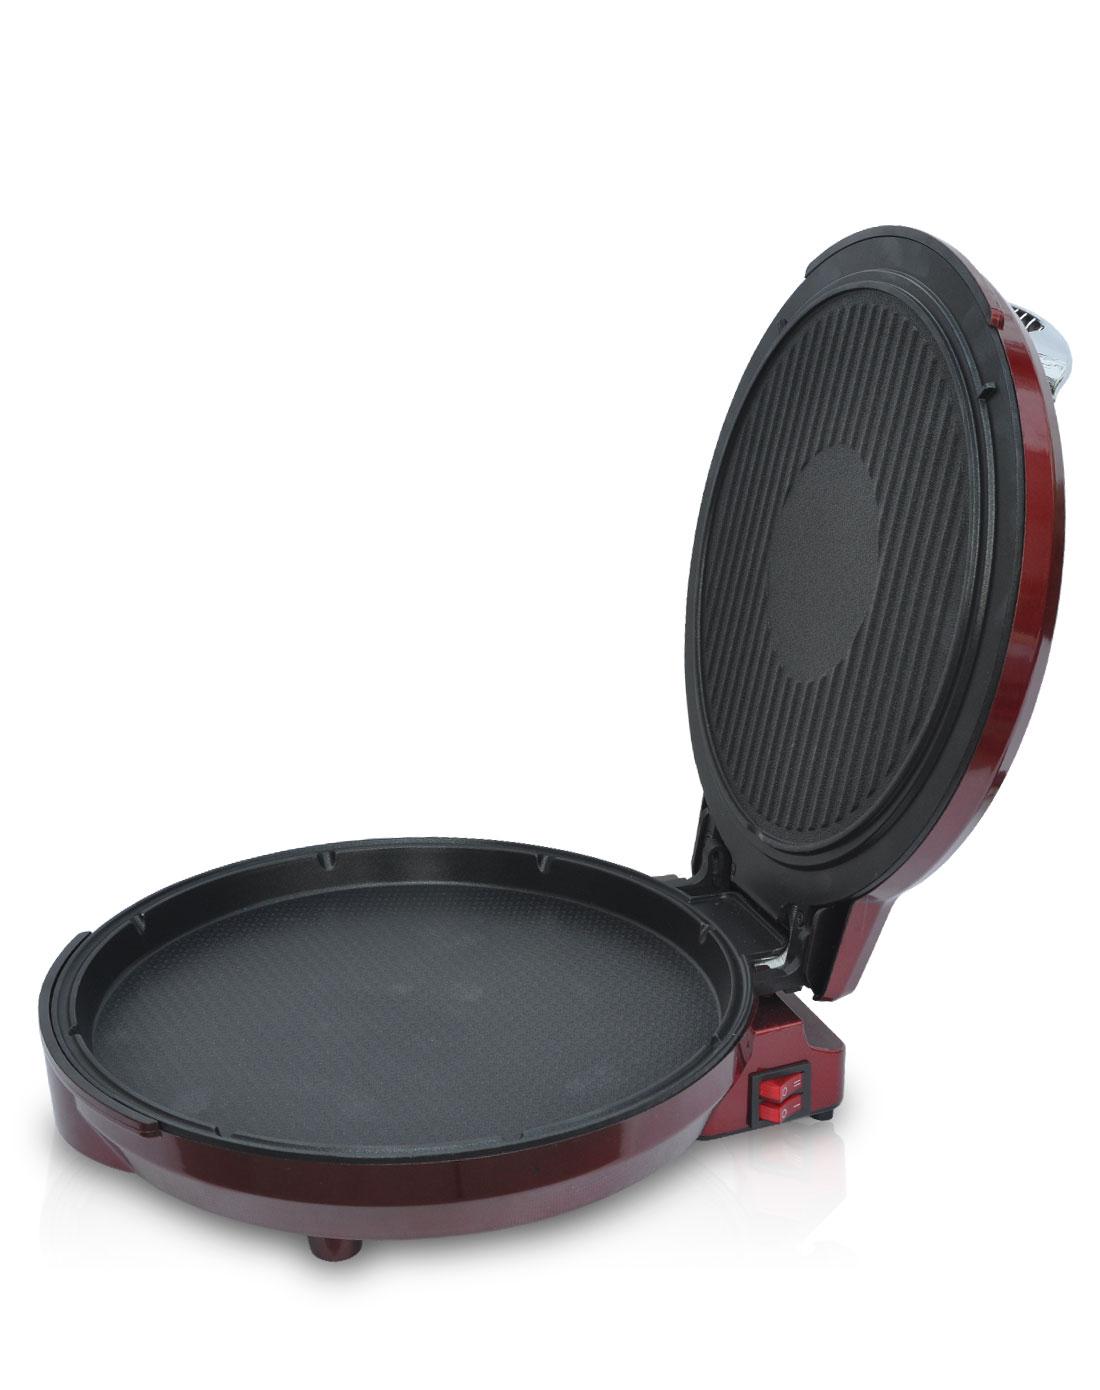 美菱meiling电器悬浮式多功能电饼铛红色mlbd-32b11x2